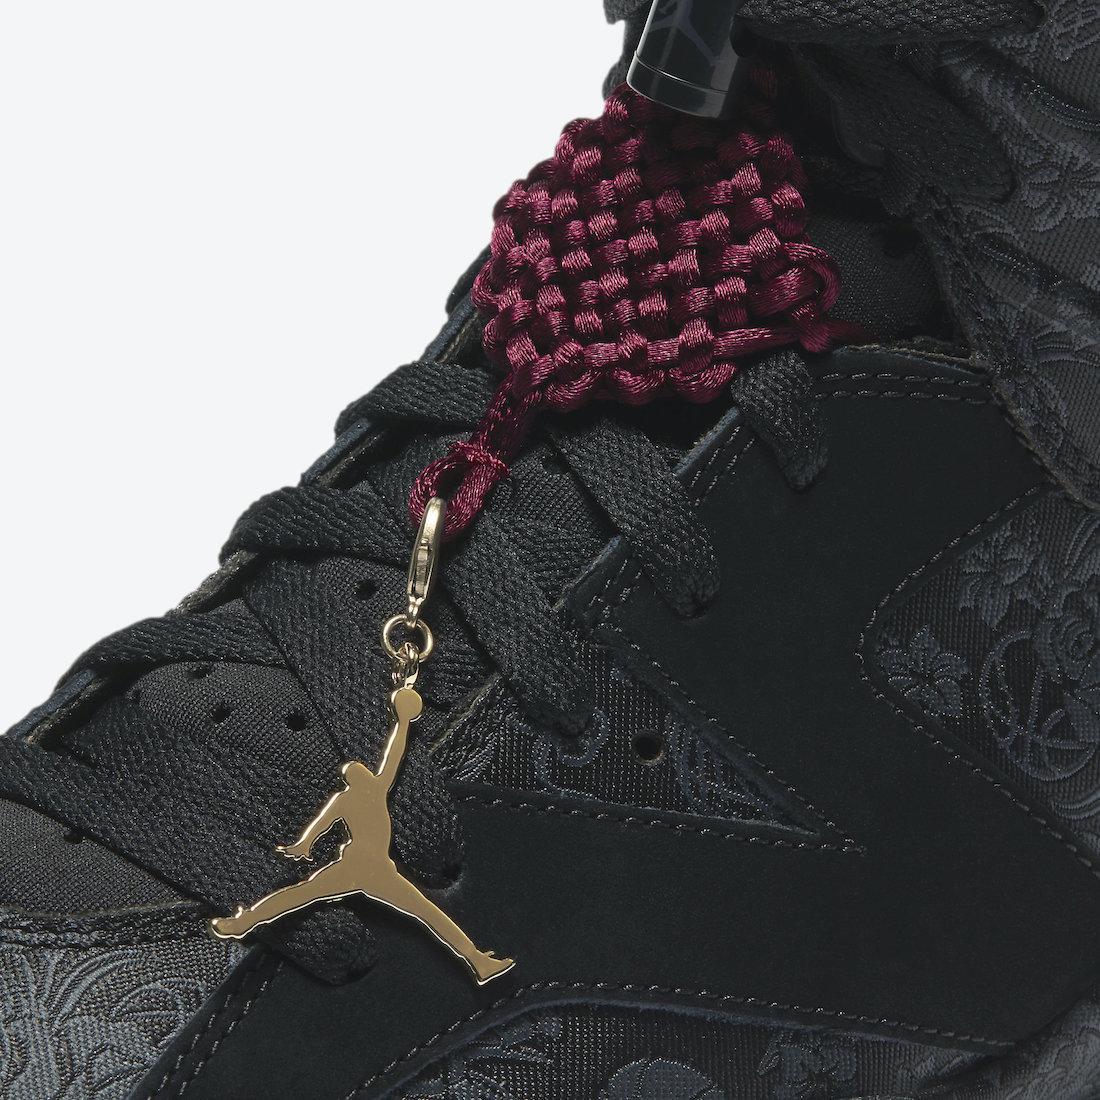 预览Jordan品牌11.11系列黑色WMNS Air Jordan VI SD官方产品图